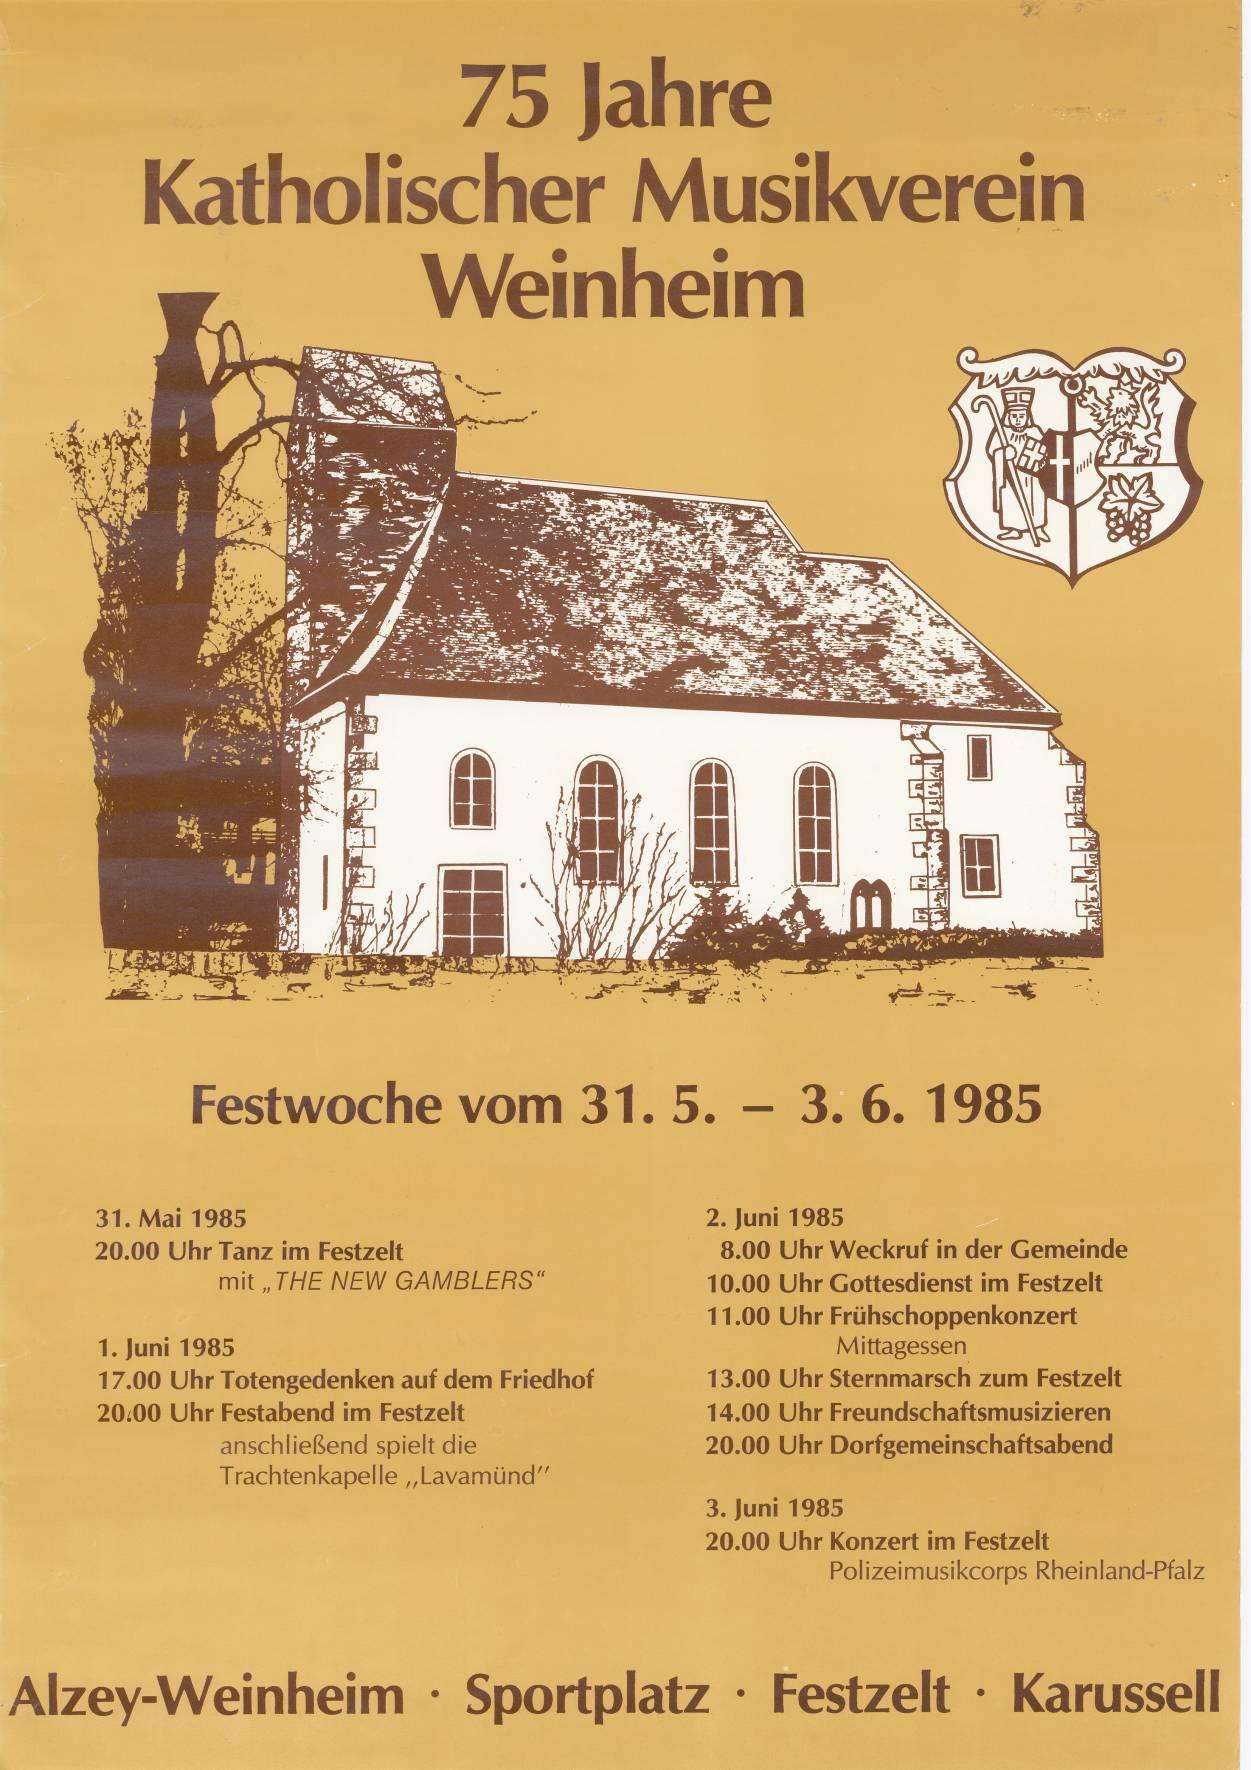 75 Jahre KMV Weinheim